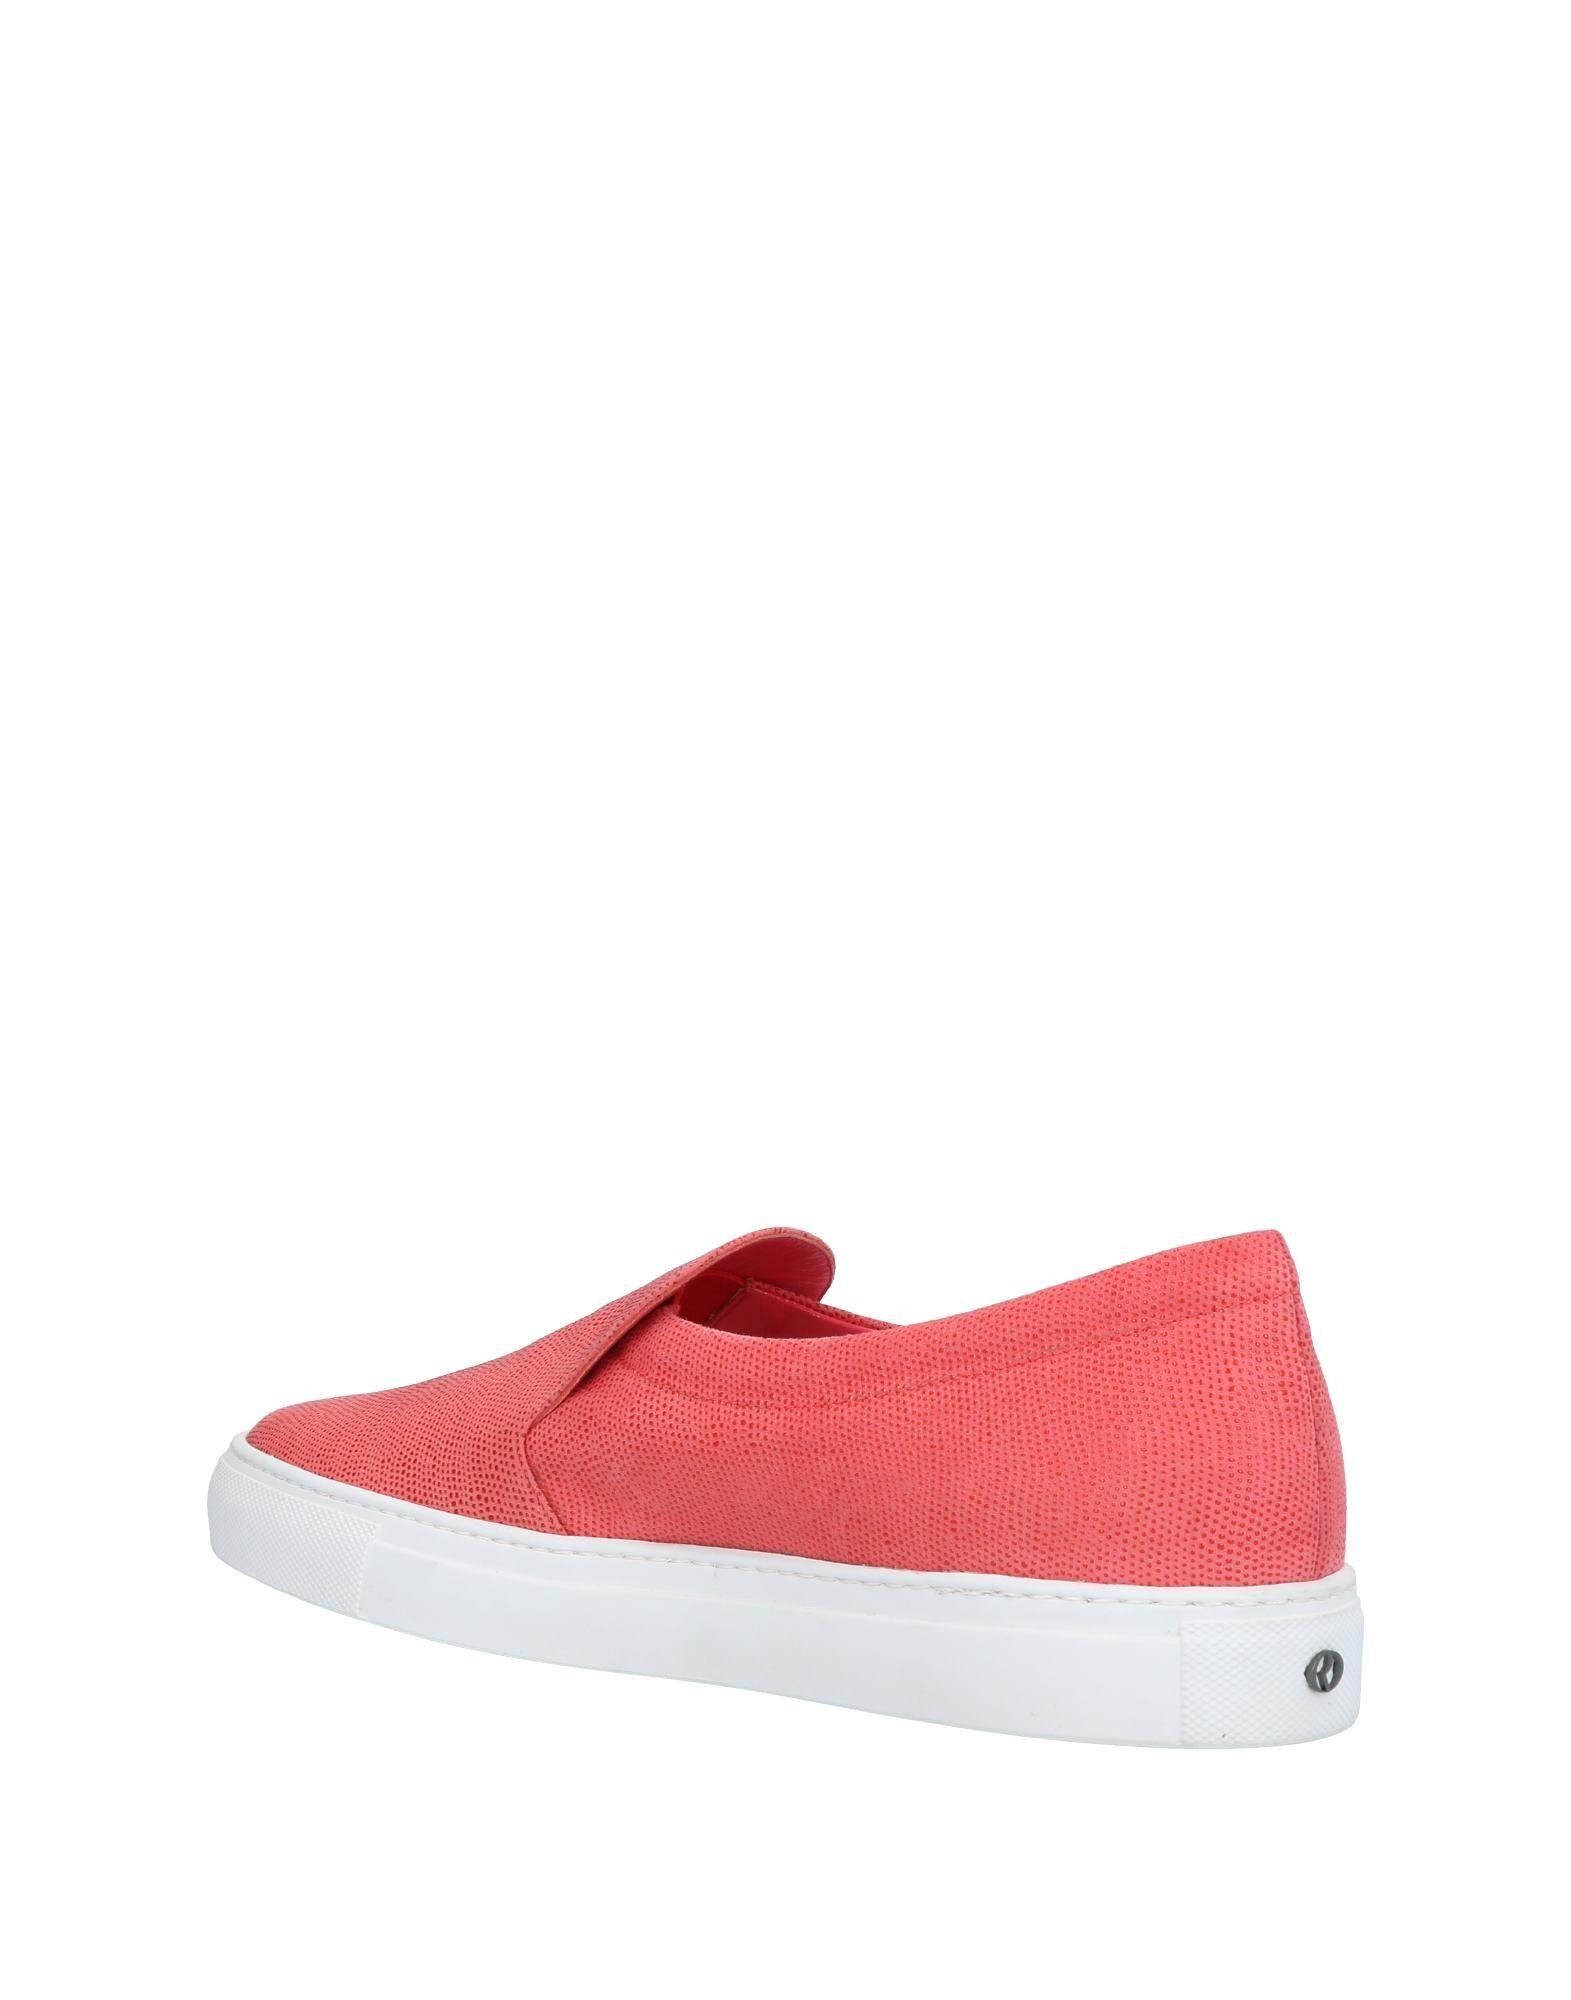 Rodo Rodo Rodo Sneakers - Women Rodo Sneakers online on  United Kingdom - 11466068ST ac8521